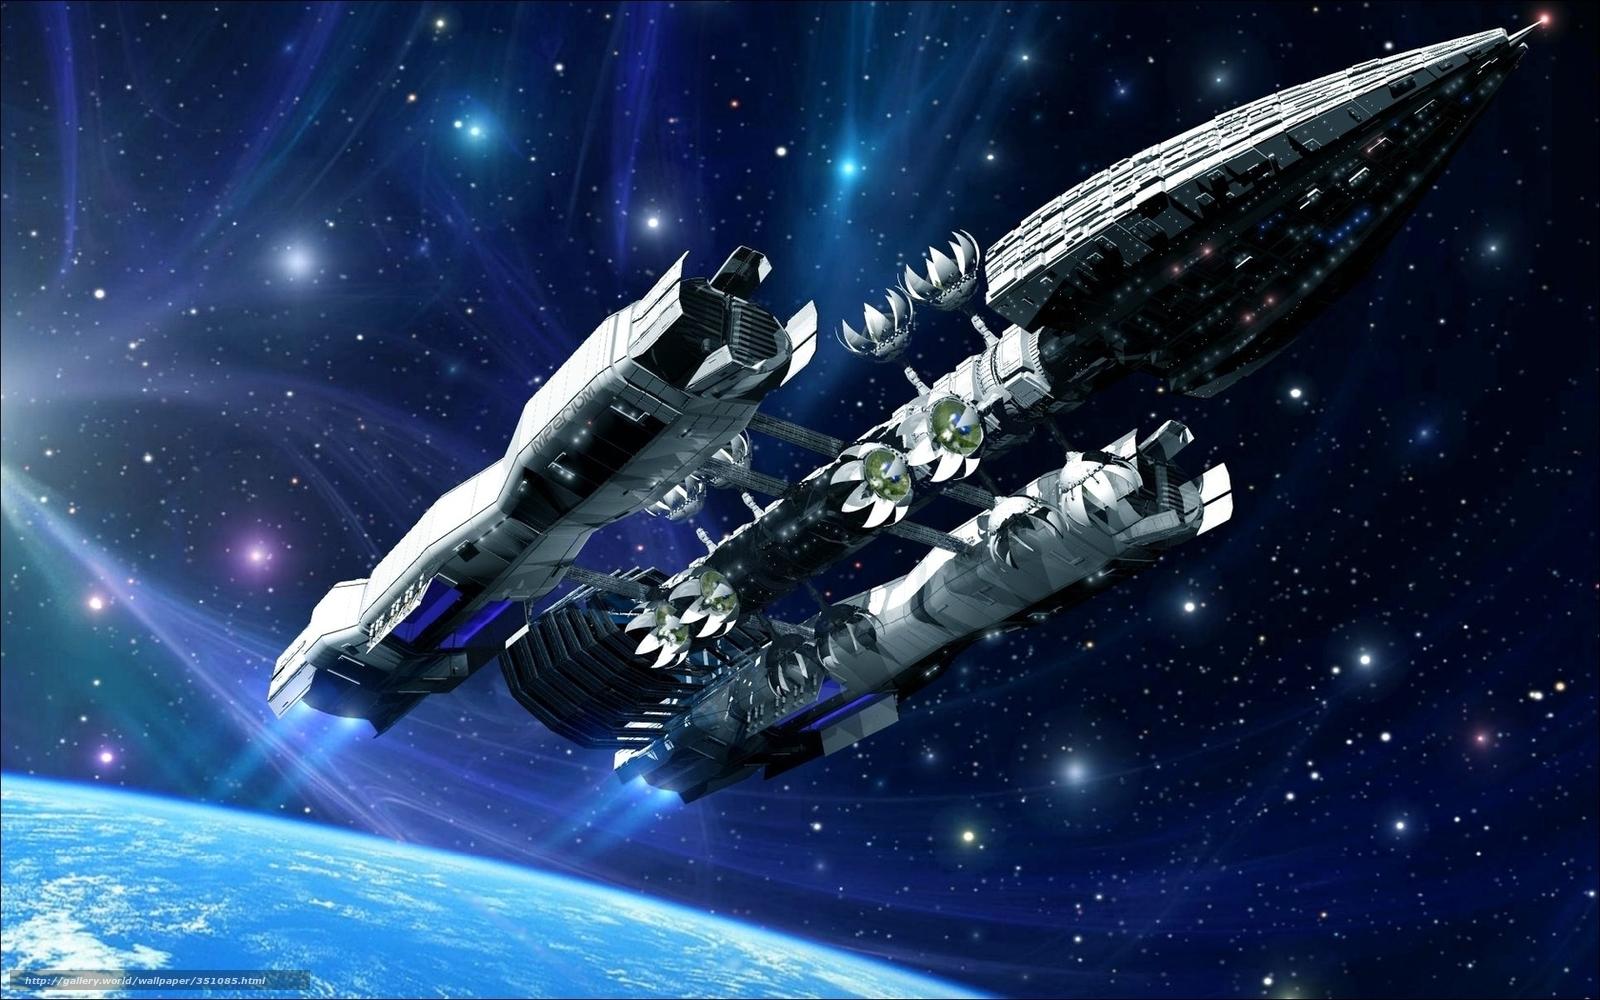 tlcharger fond d 39 ecran espace rendu vaisseau spatial fantaisie fonds d 39 ecran gratuits pour. Black Bedroom Furniture Sets. Home Design Ideas